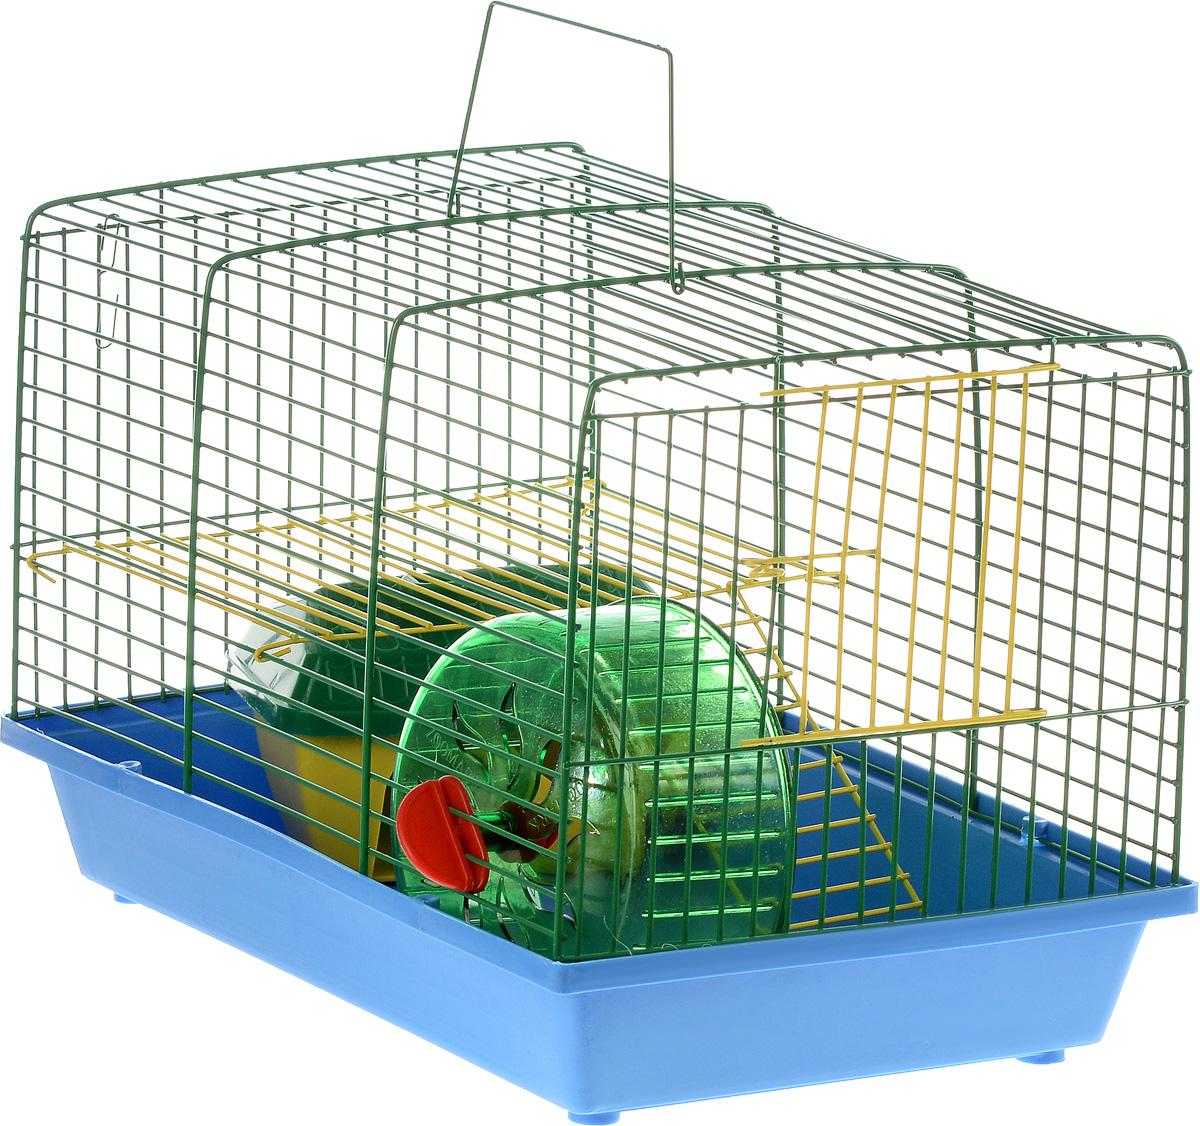 Клетка для грызунов ЗооМарк, 2-этажная, цвет: голубой поддон, зеленая решетка, желтый этаж, 36 х 22 х 24 см125_голубой, зеленый, желтыйКлетка ЗооМарк, выполненная из полипропилена и металла, подходит для мелких грызунов. Изделие двухэтажное, оборудовано колесом для подвижных игр и пластиковым домиком. Клетка имеет яркий поддон, удобна в использовании и легко чистится. Сверху имеется ручка для переноски, а сбоку удобная дверца. Такая клетка станет уединенным личным пространством и уютным домиком для маленького грызуна.